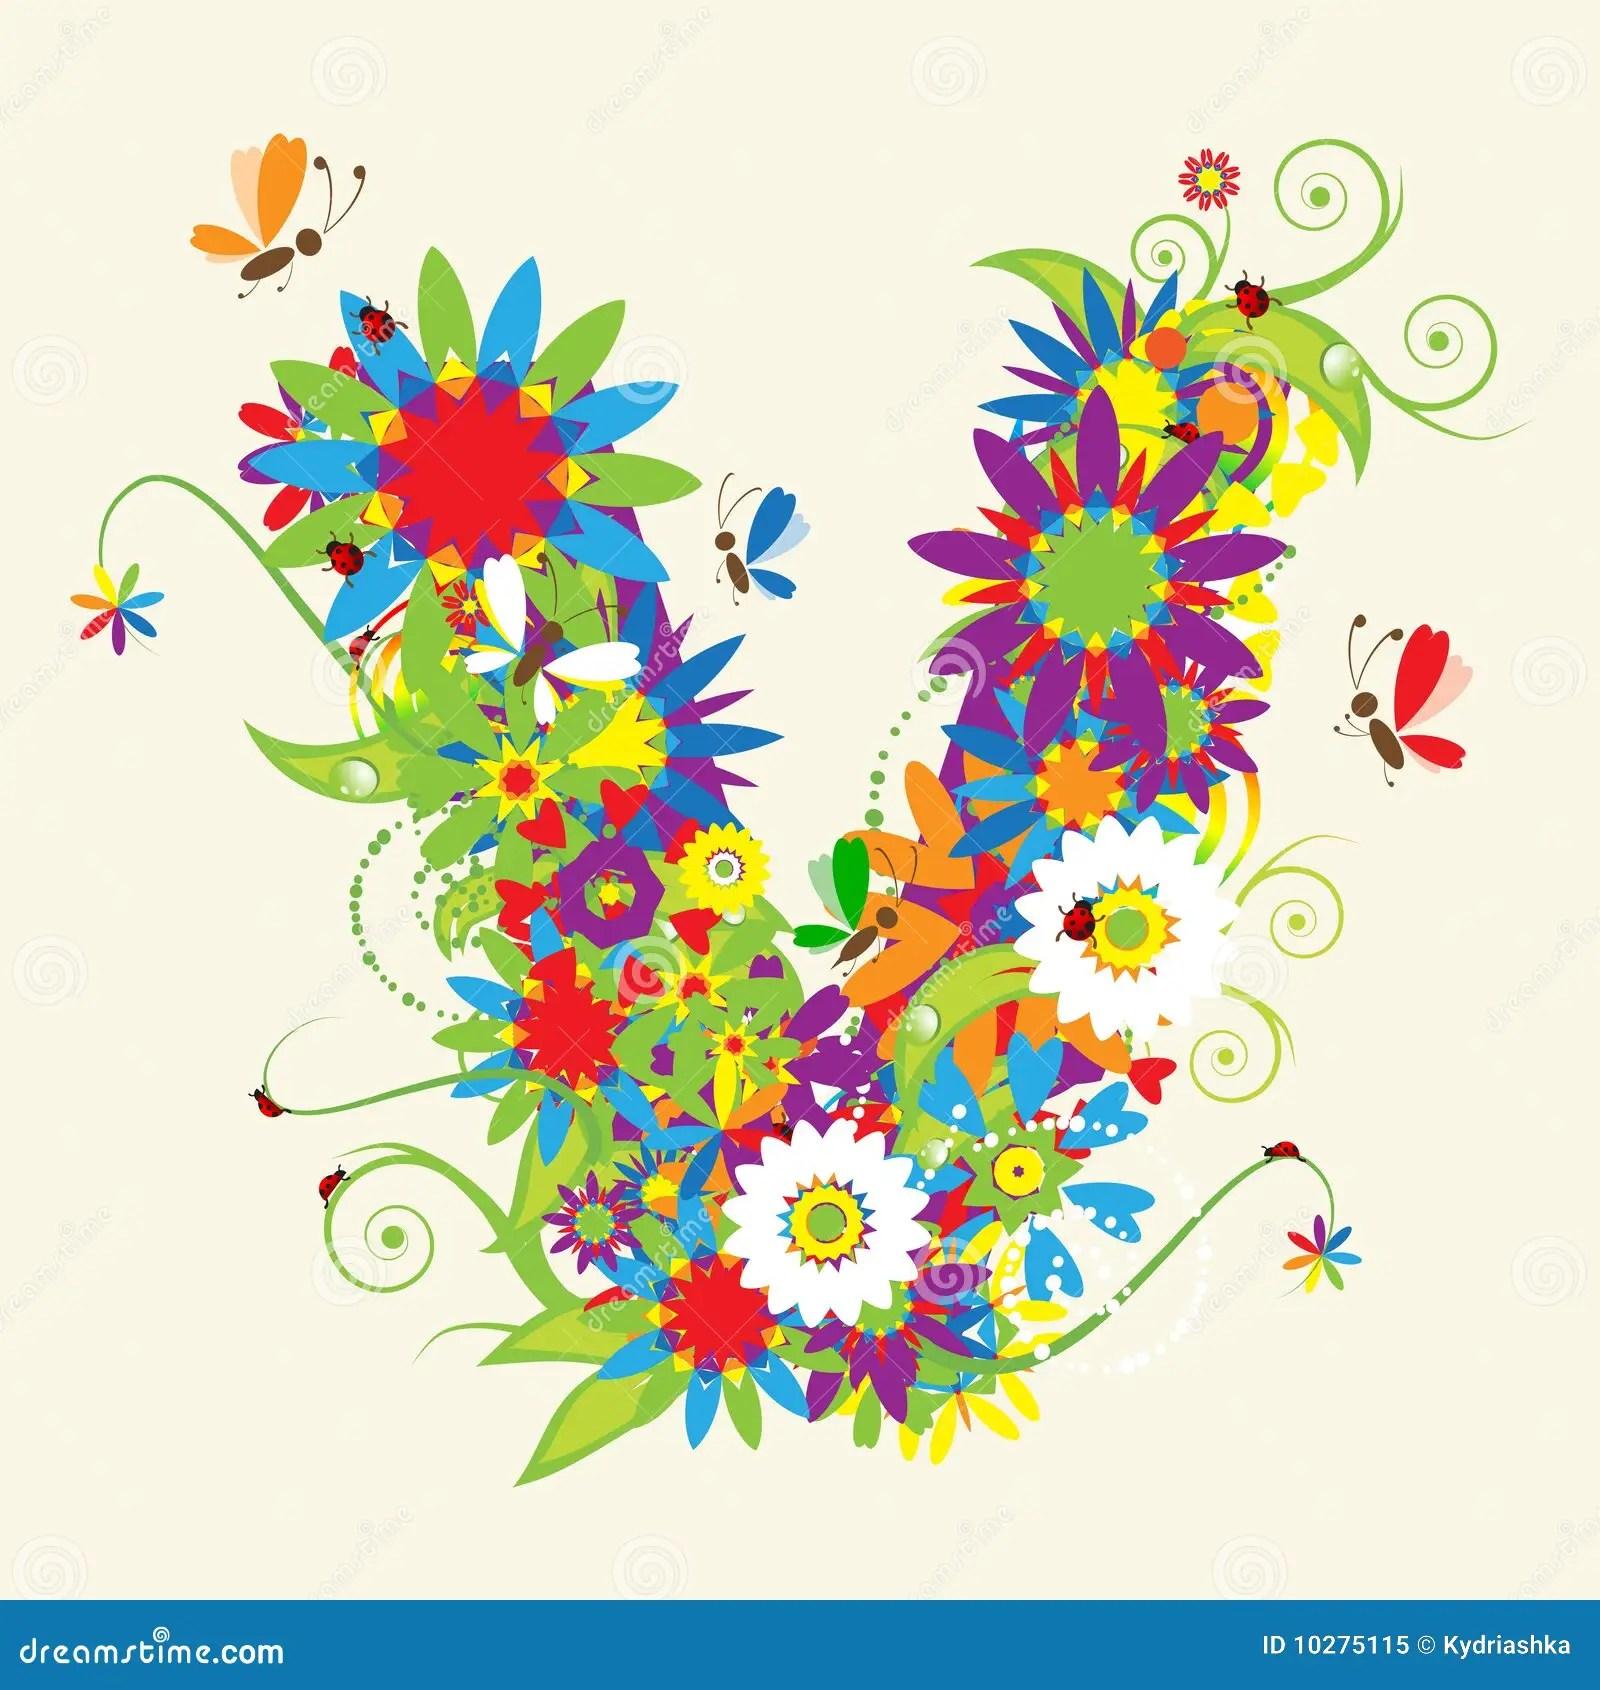 Printable Letters V Letter V For Kids Letter V Floral Design Royalty Free Stock Photo Image